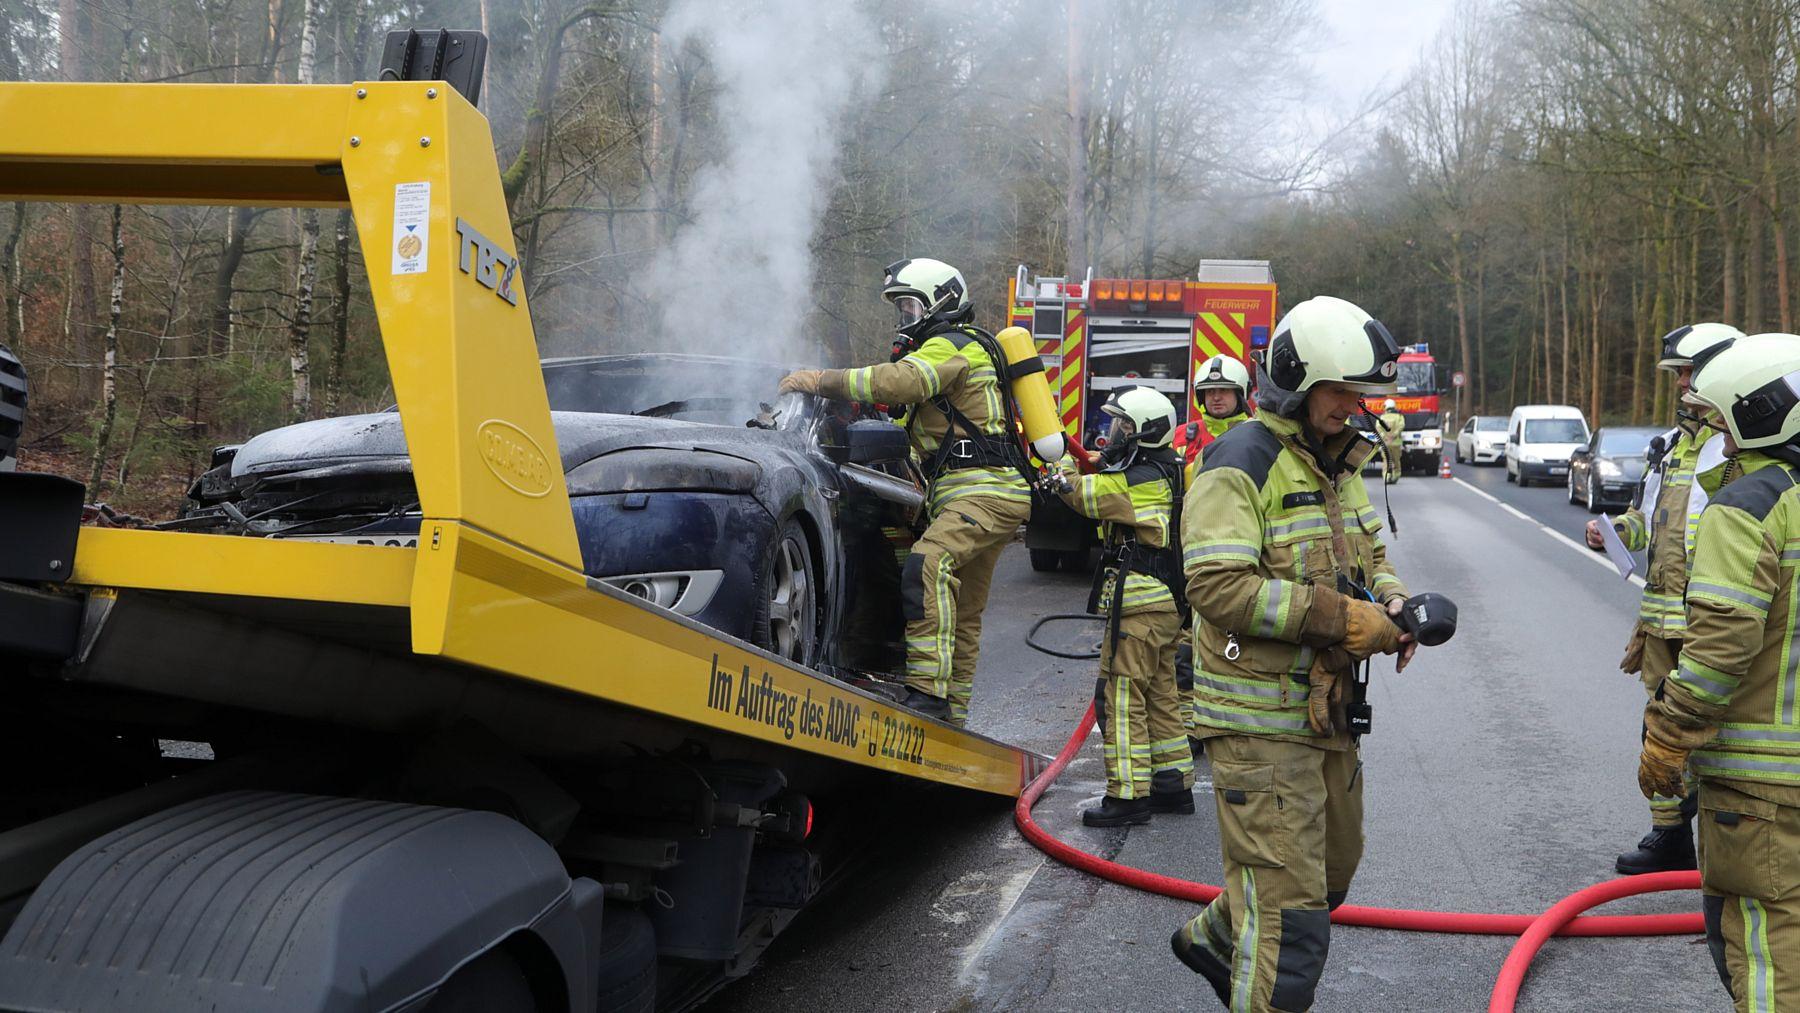 Löschaktion auf dem Abschleppwagen. Foto: Roland Halkasch